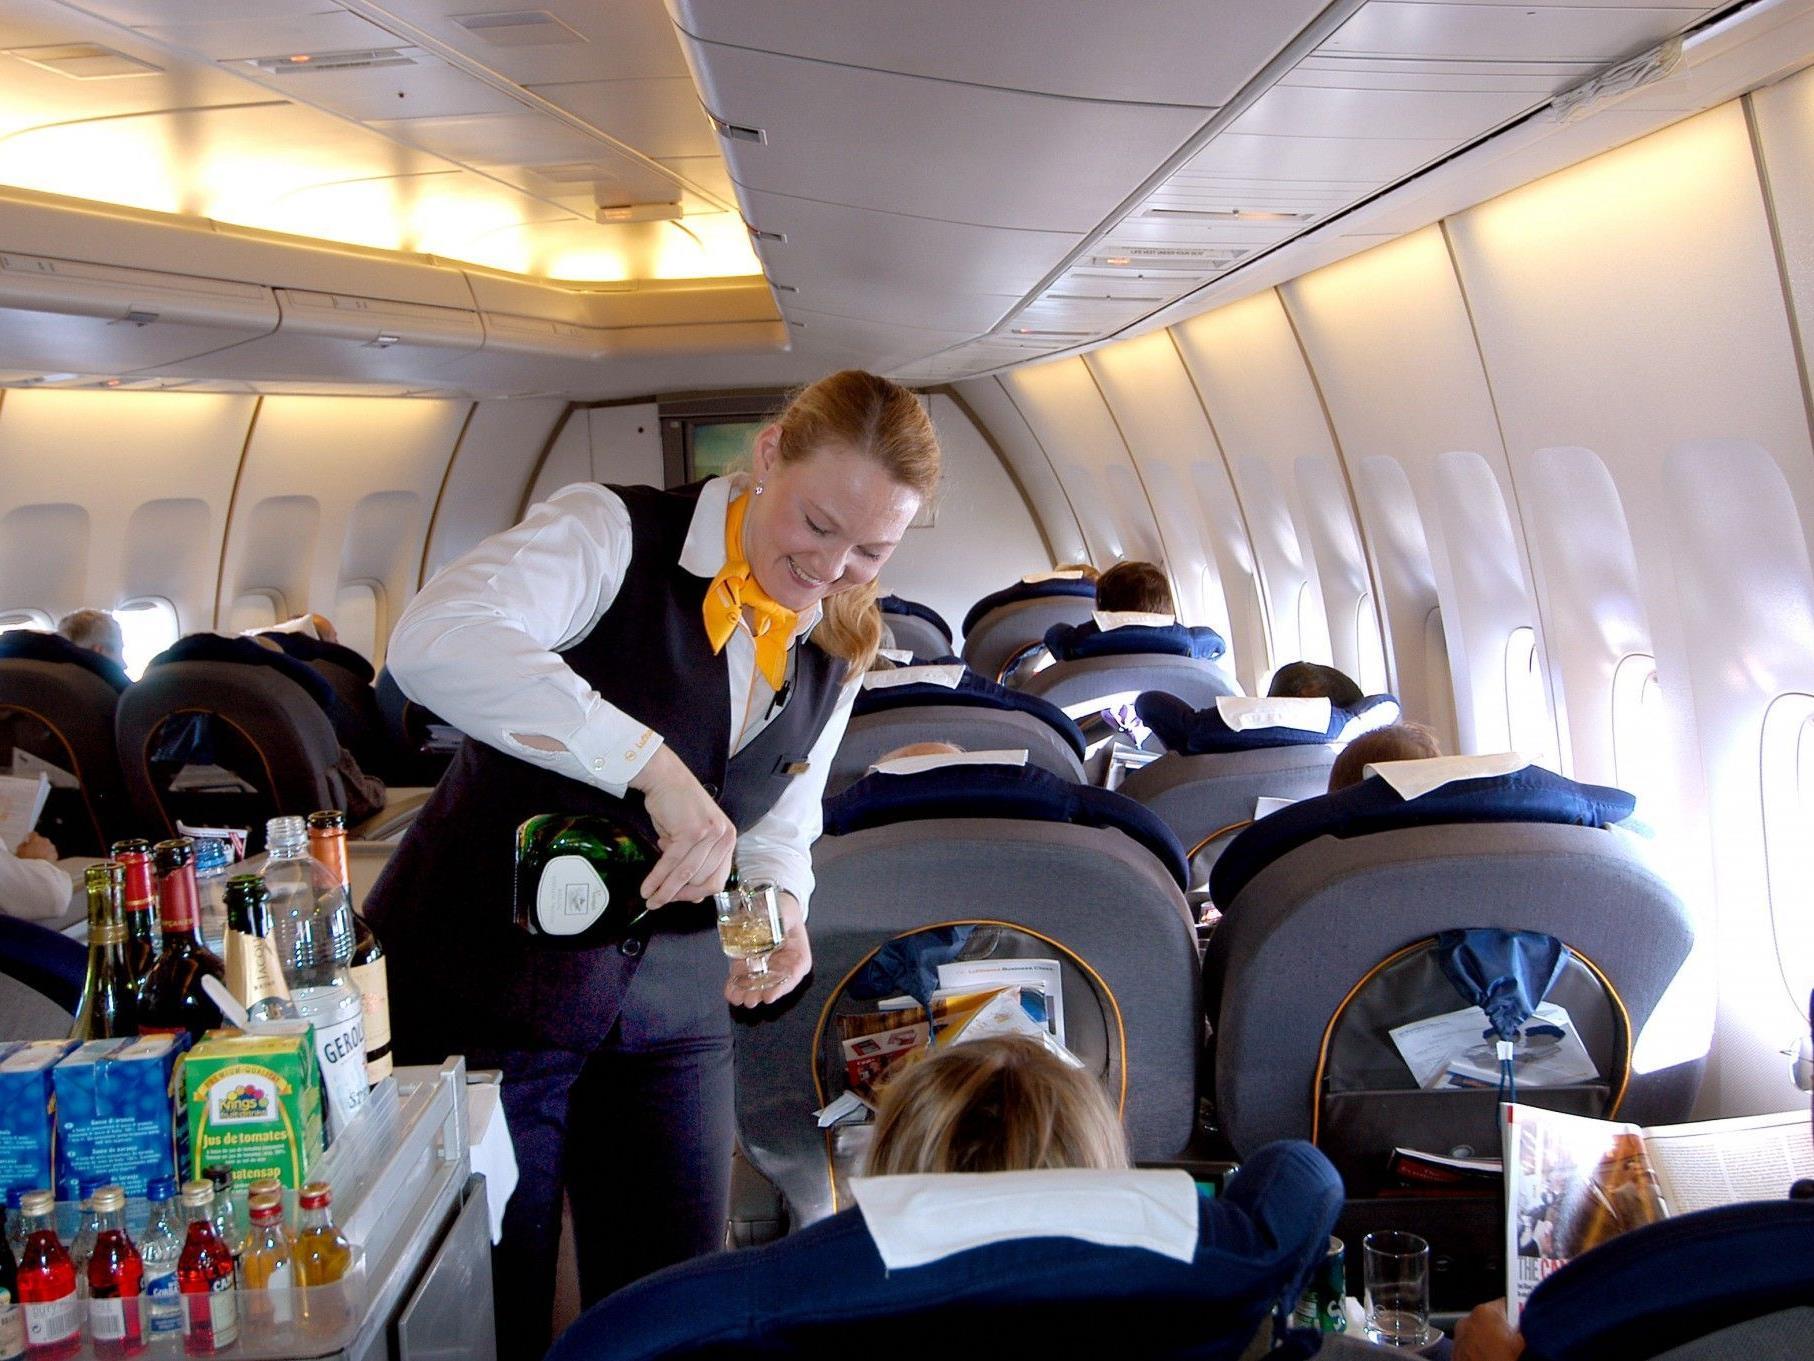 Flugbegleiterin bei der Arbeit